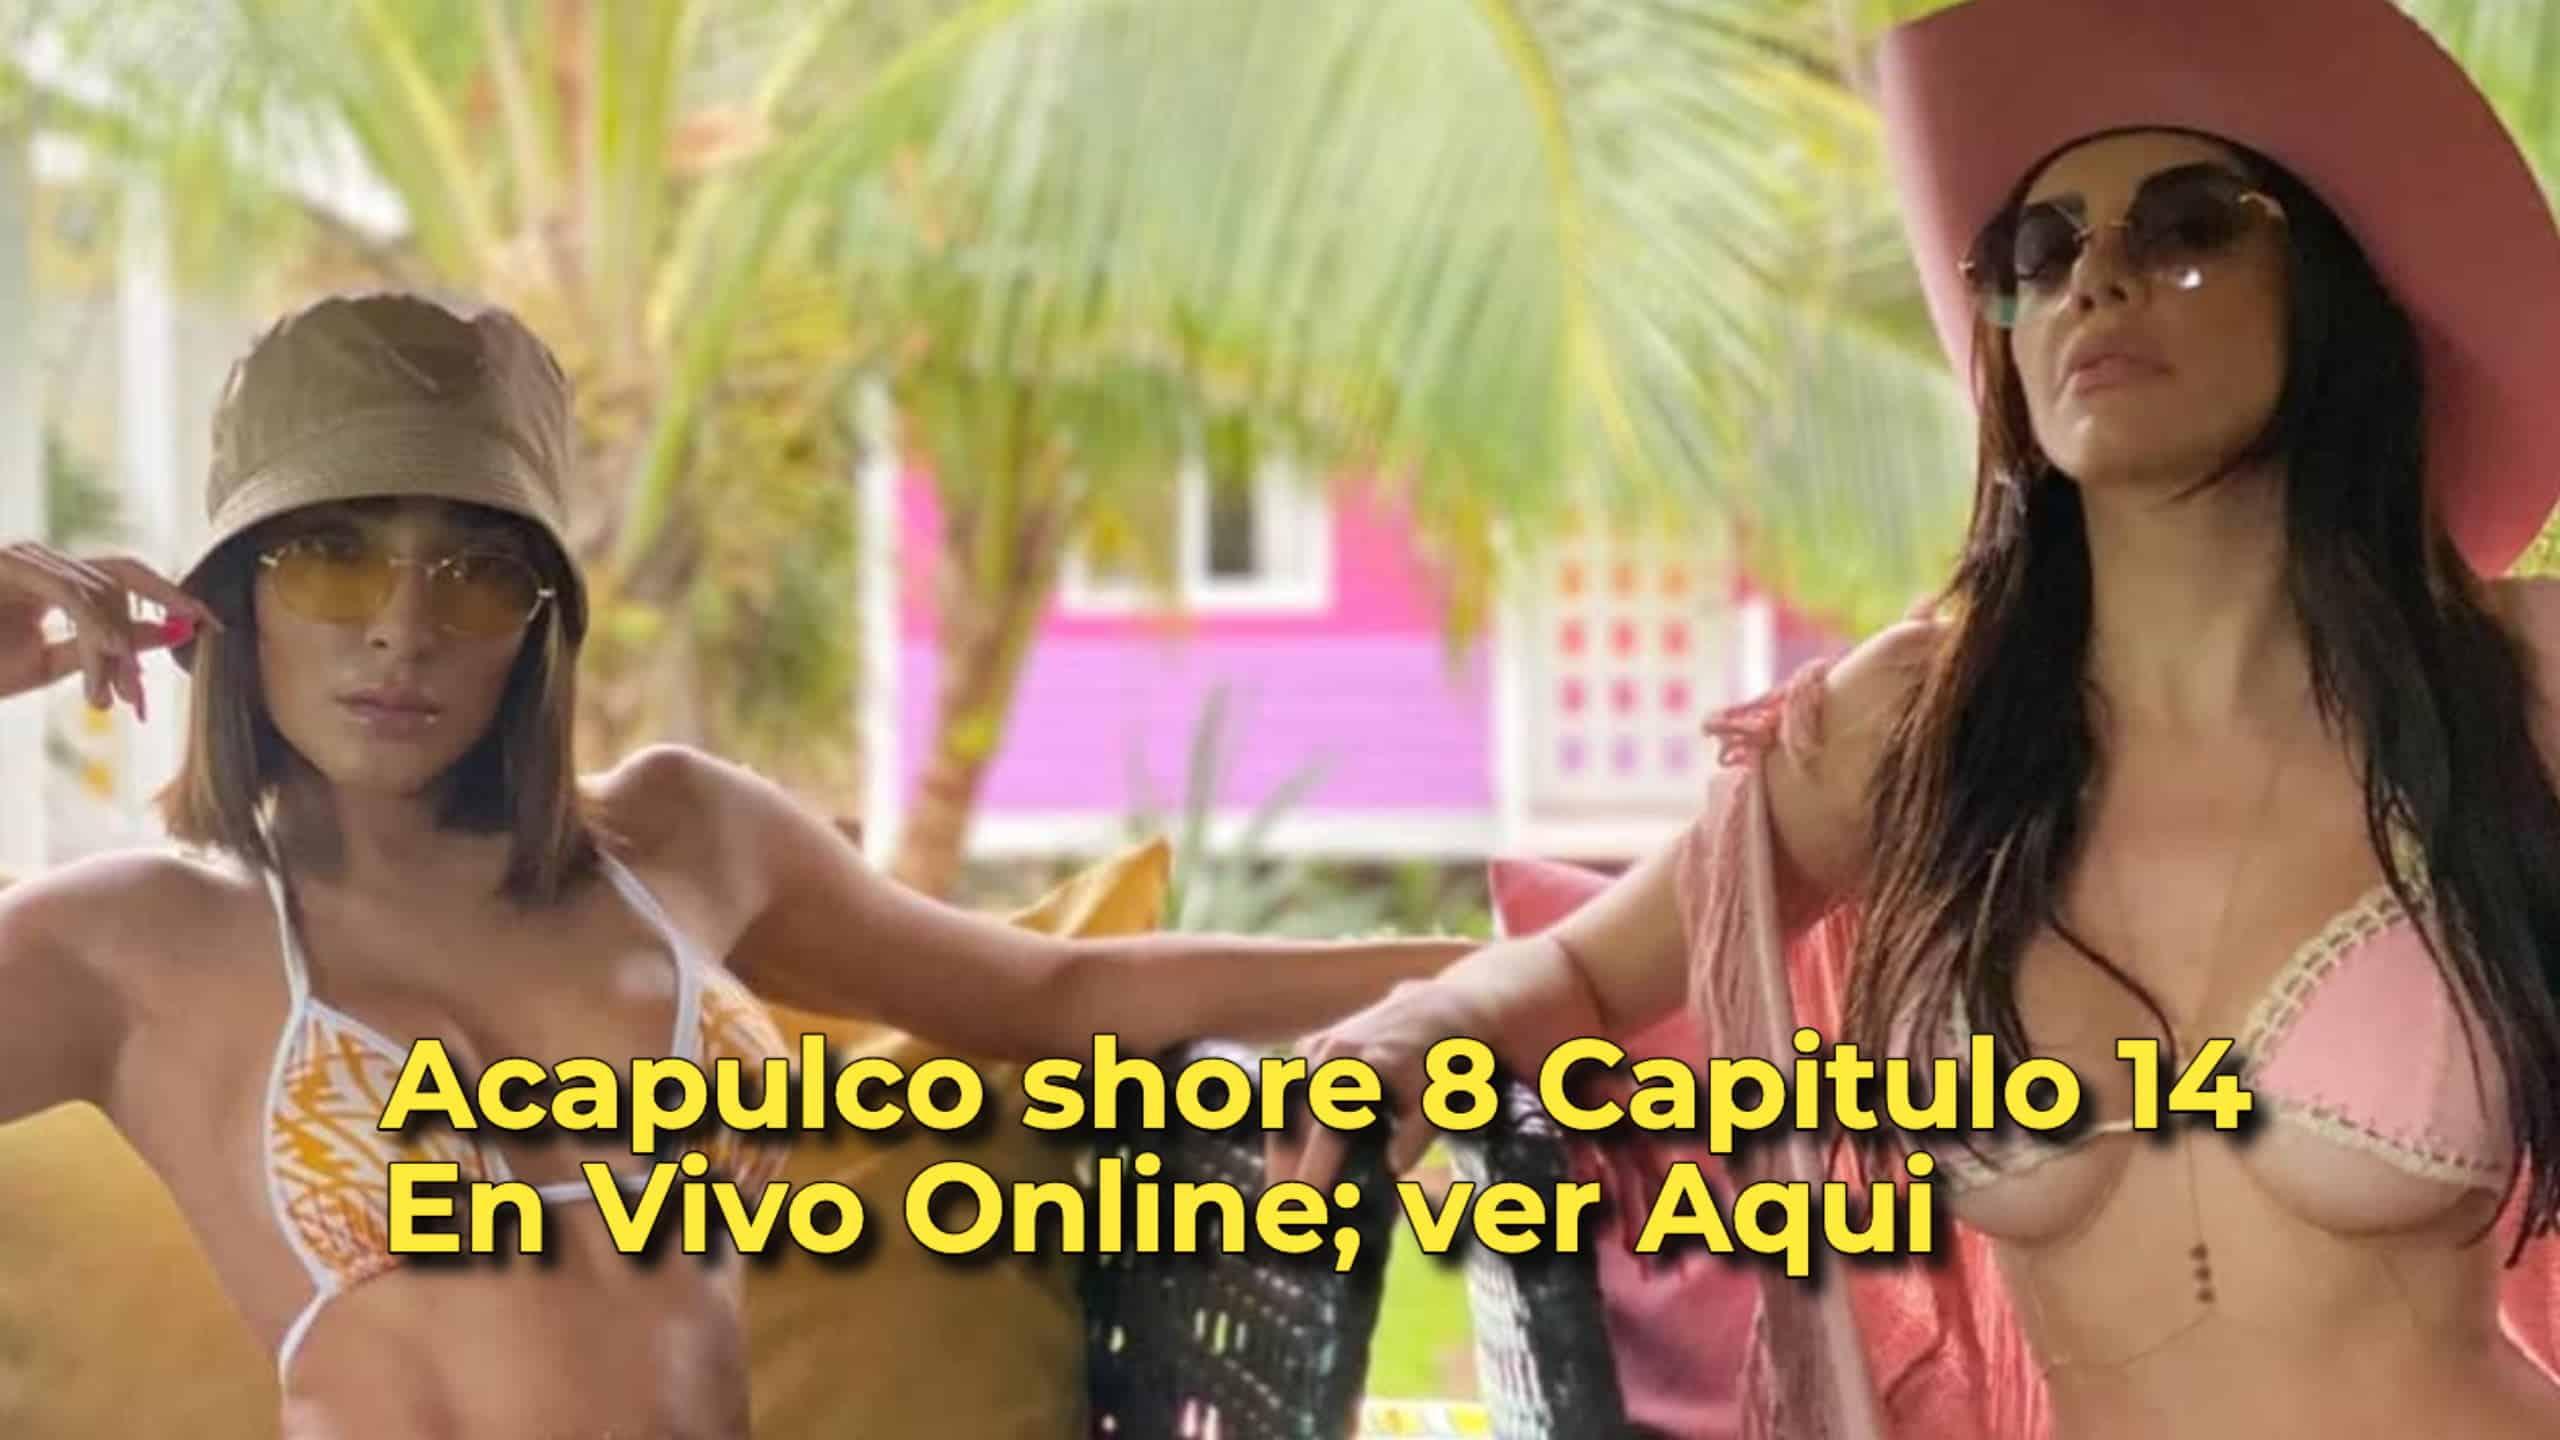 Acapulco shore 8 Capitulo 14 En Vivo Online; ver Aqui